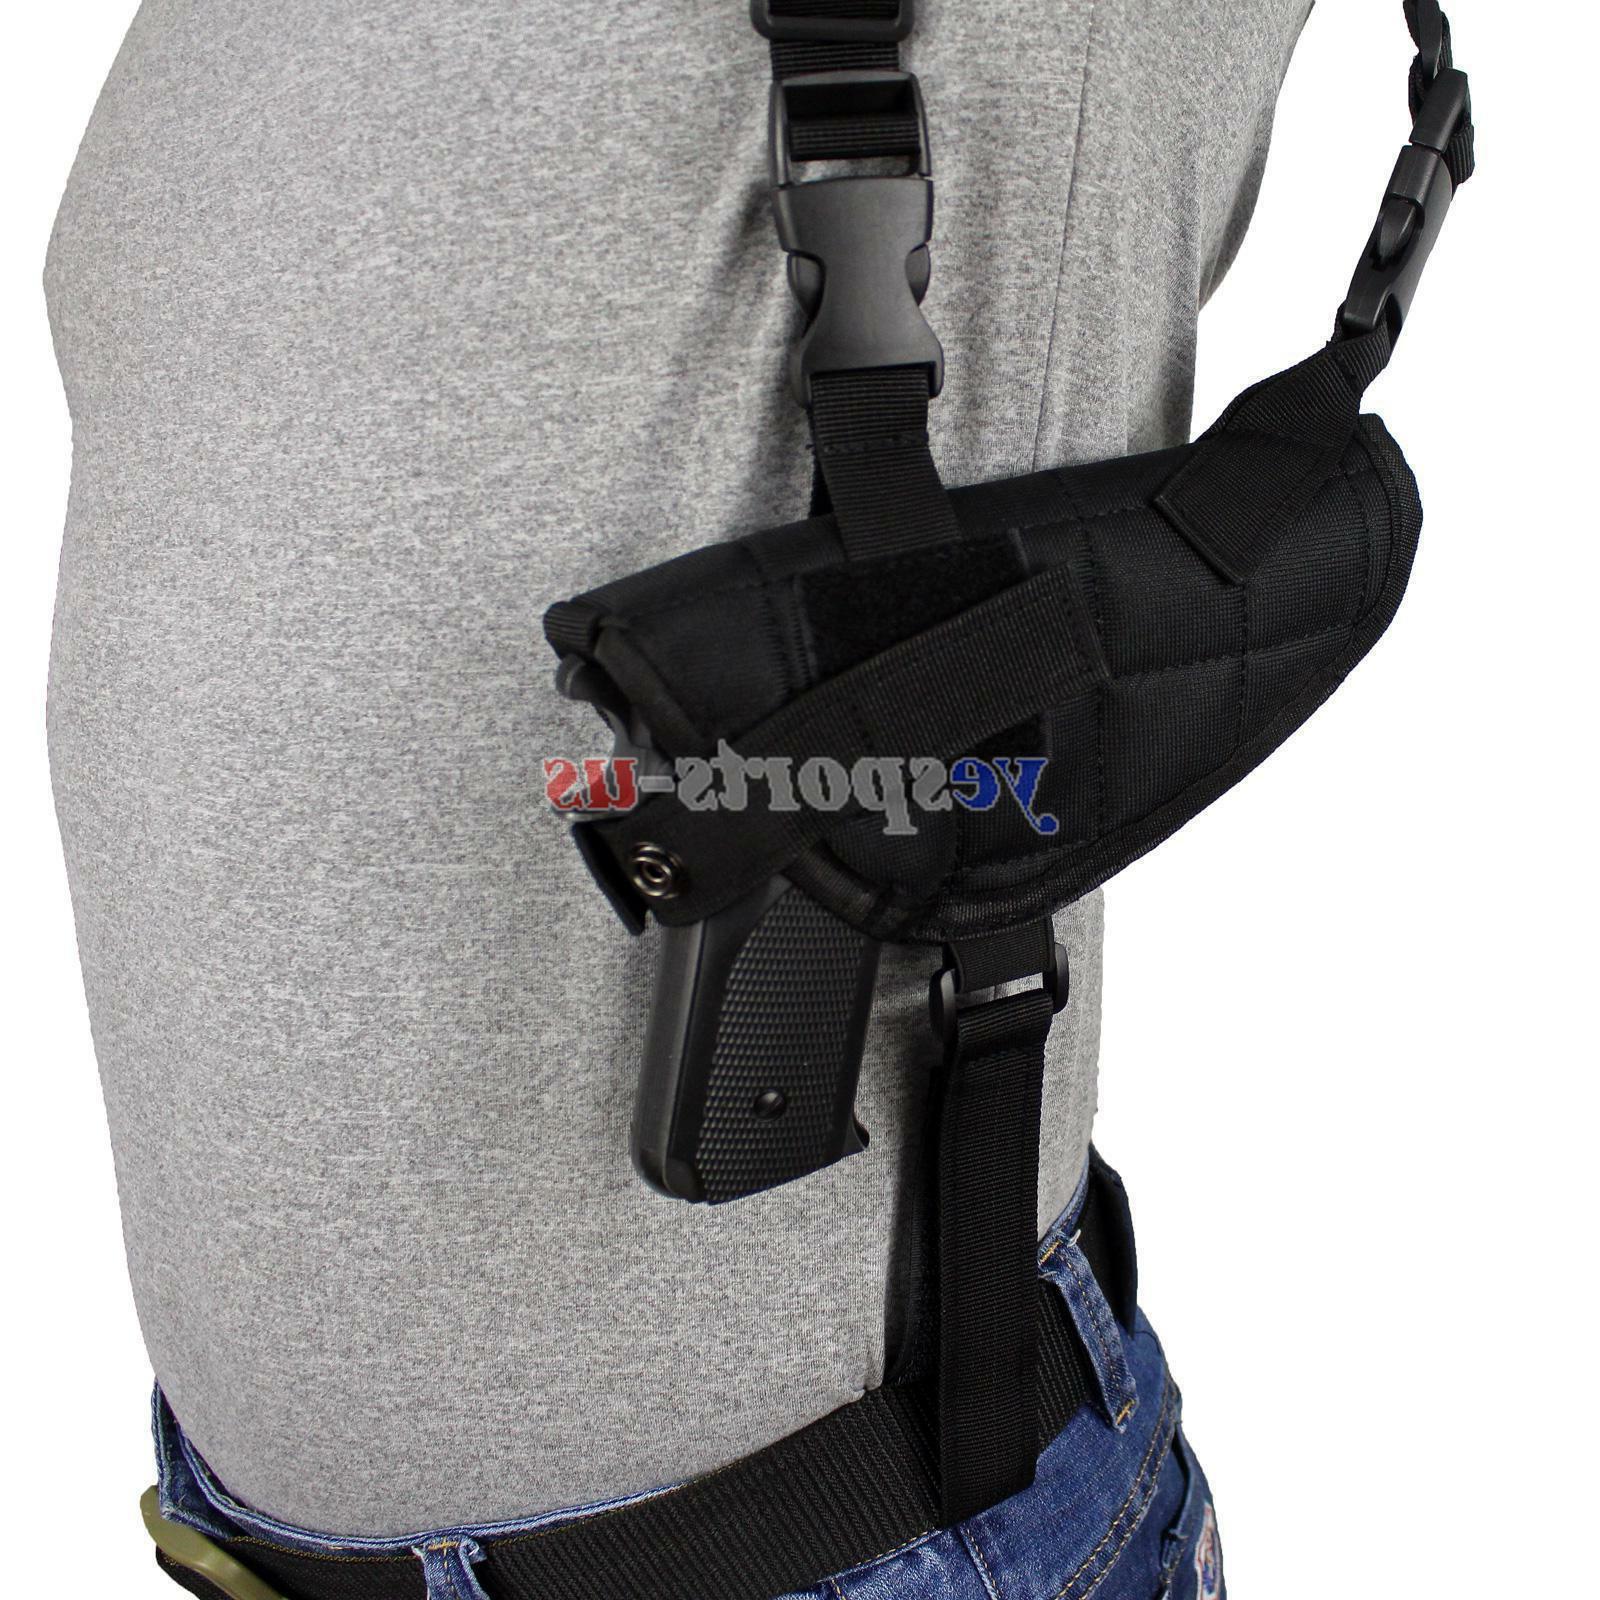 Tactical Concealed Carry Shoulder Holster Pistol Holster